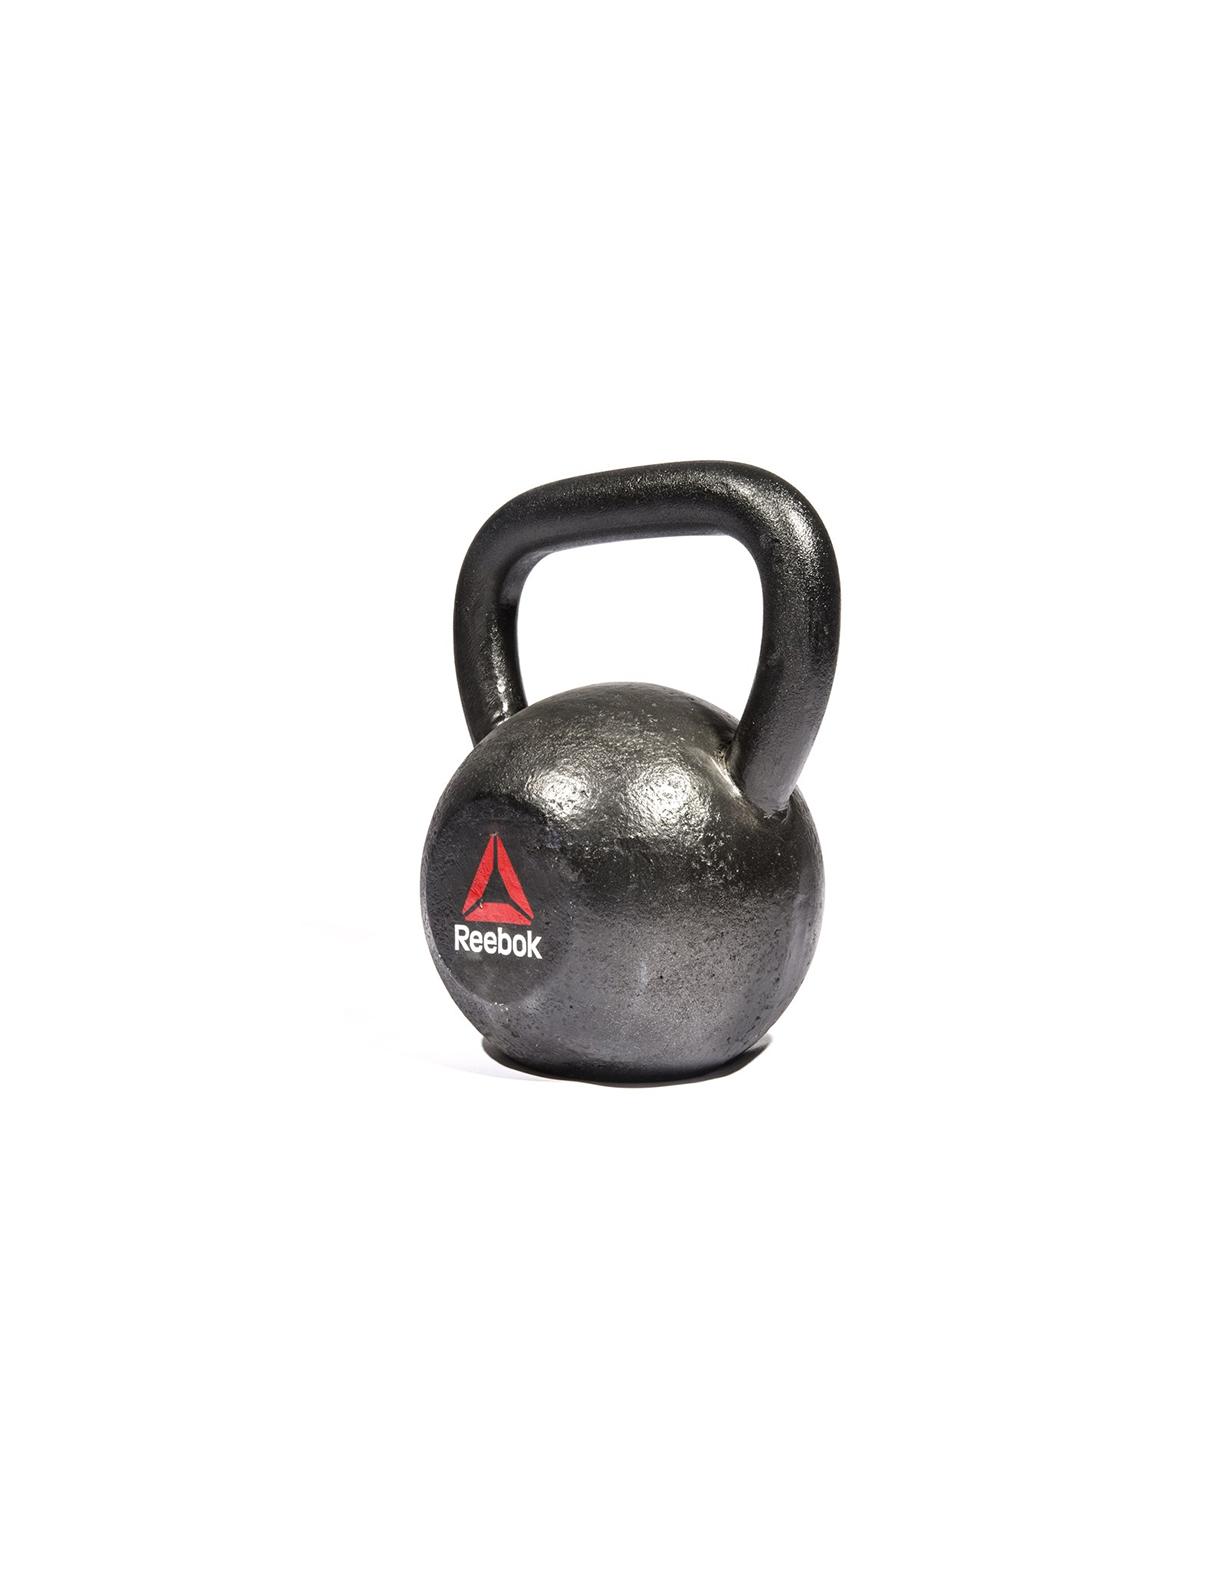 RSWT-12304 - Kettlebell - 8kg